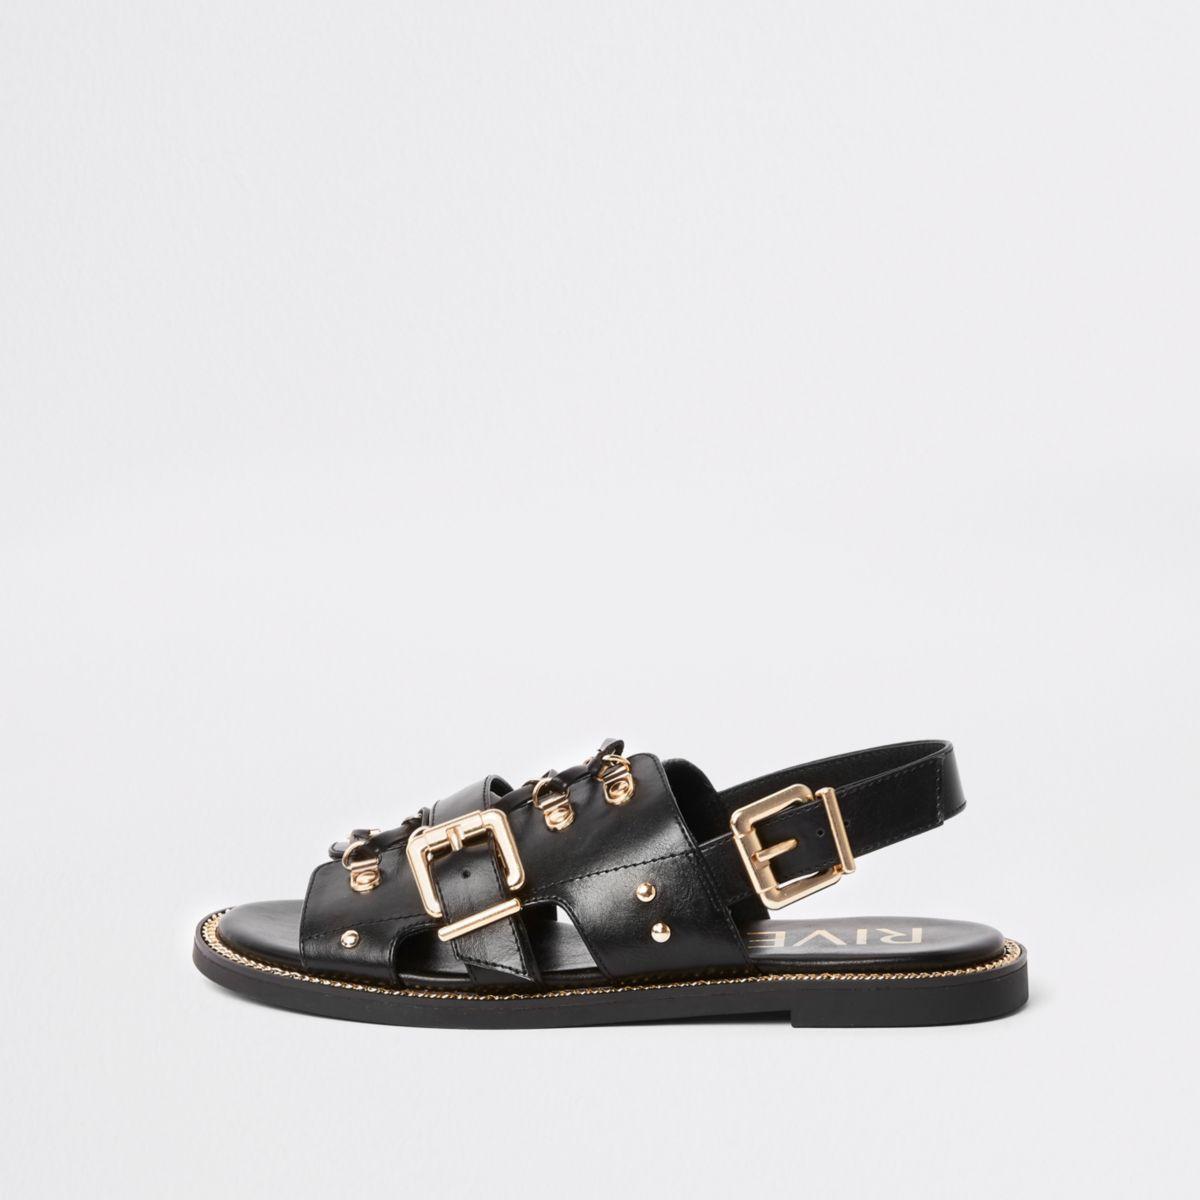 Zwarte platte sandalen met bandjes en en gesp